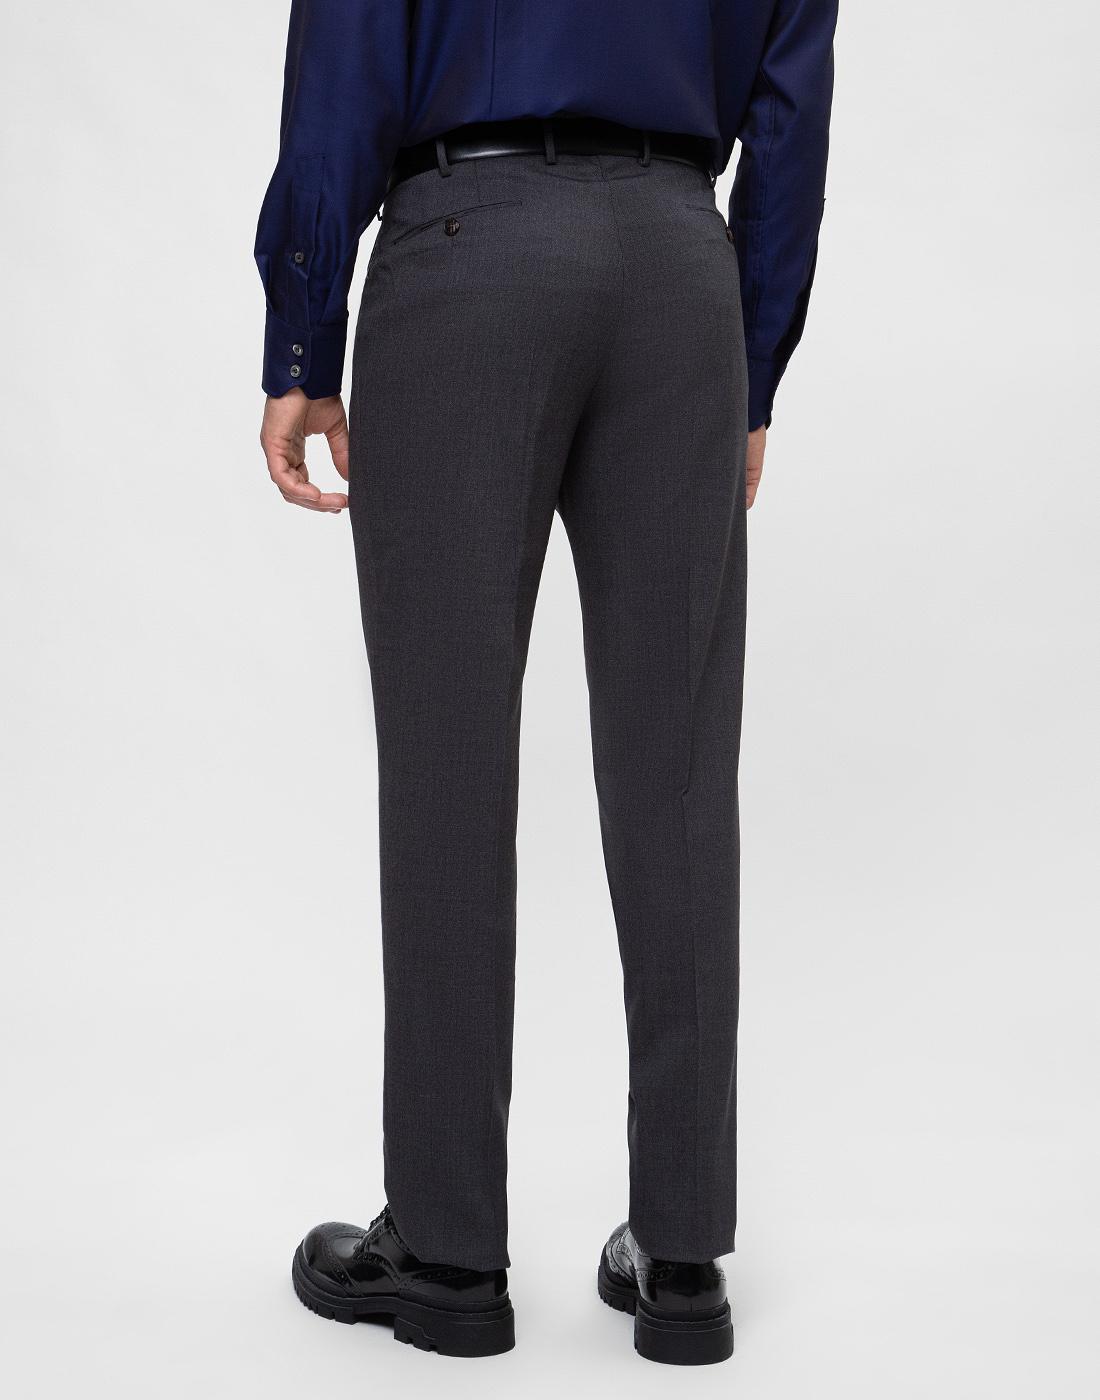 Мужские серые шерстяные брюки PT STO28 0240-4